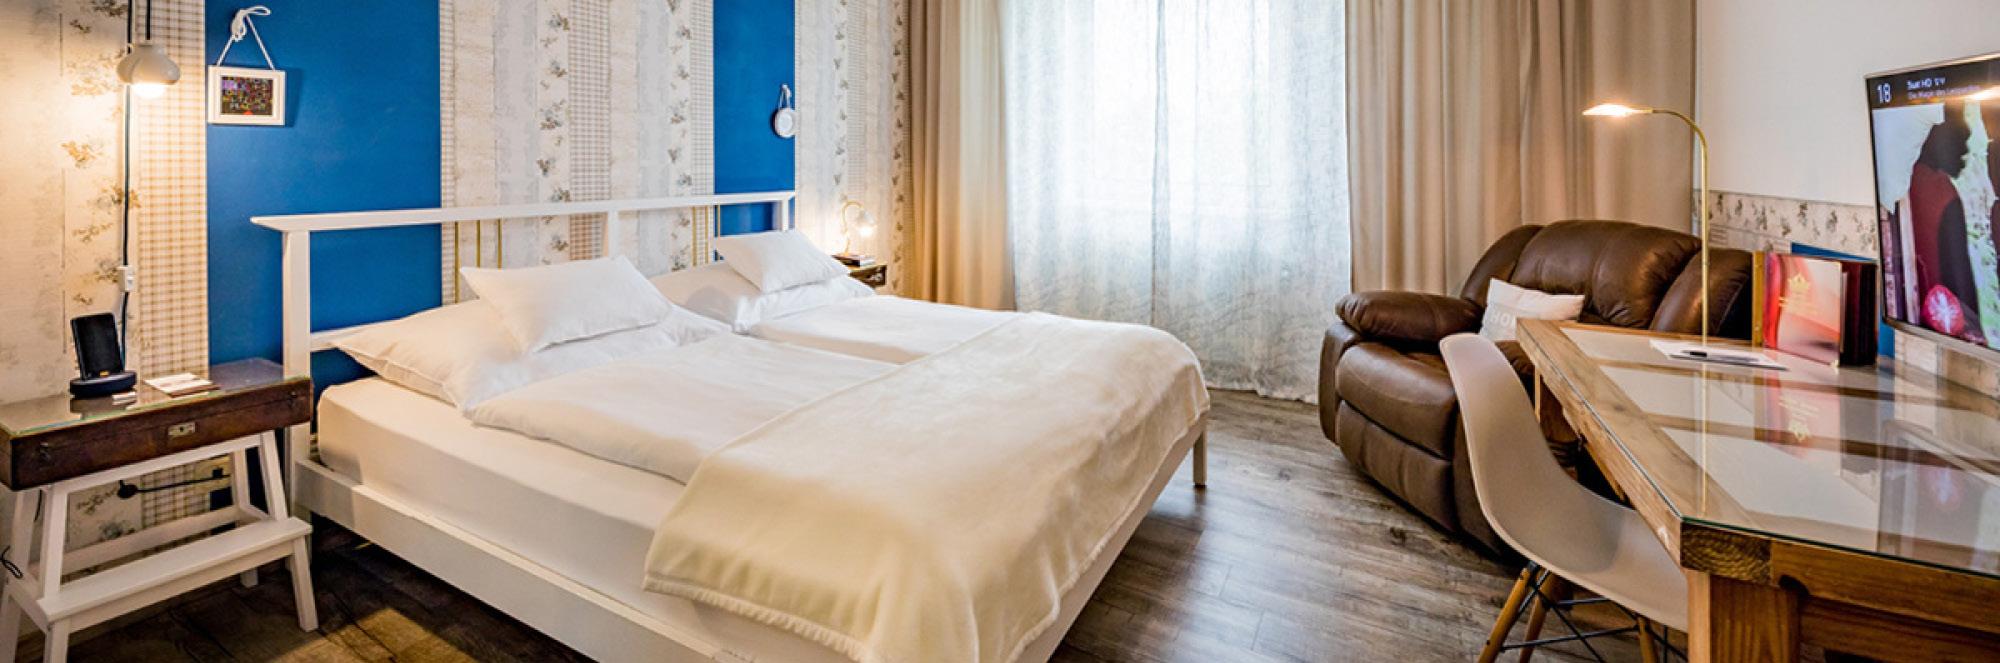 slider_home_hotelzimmer